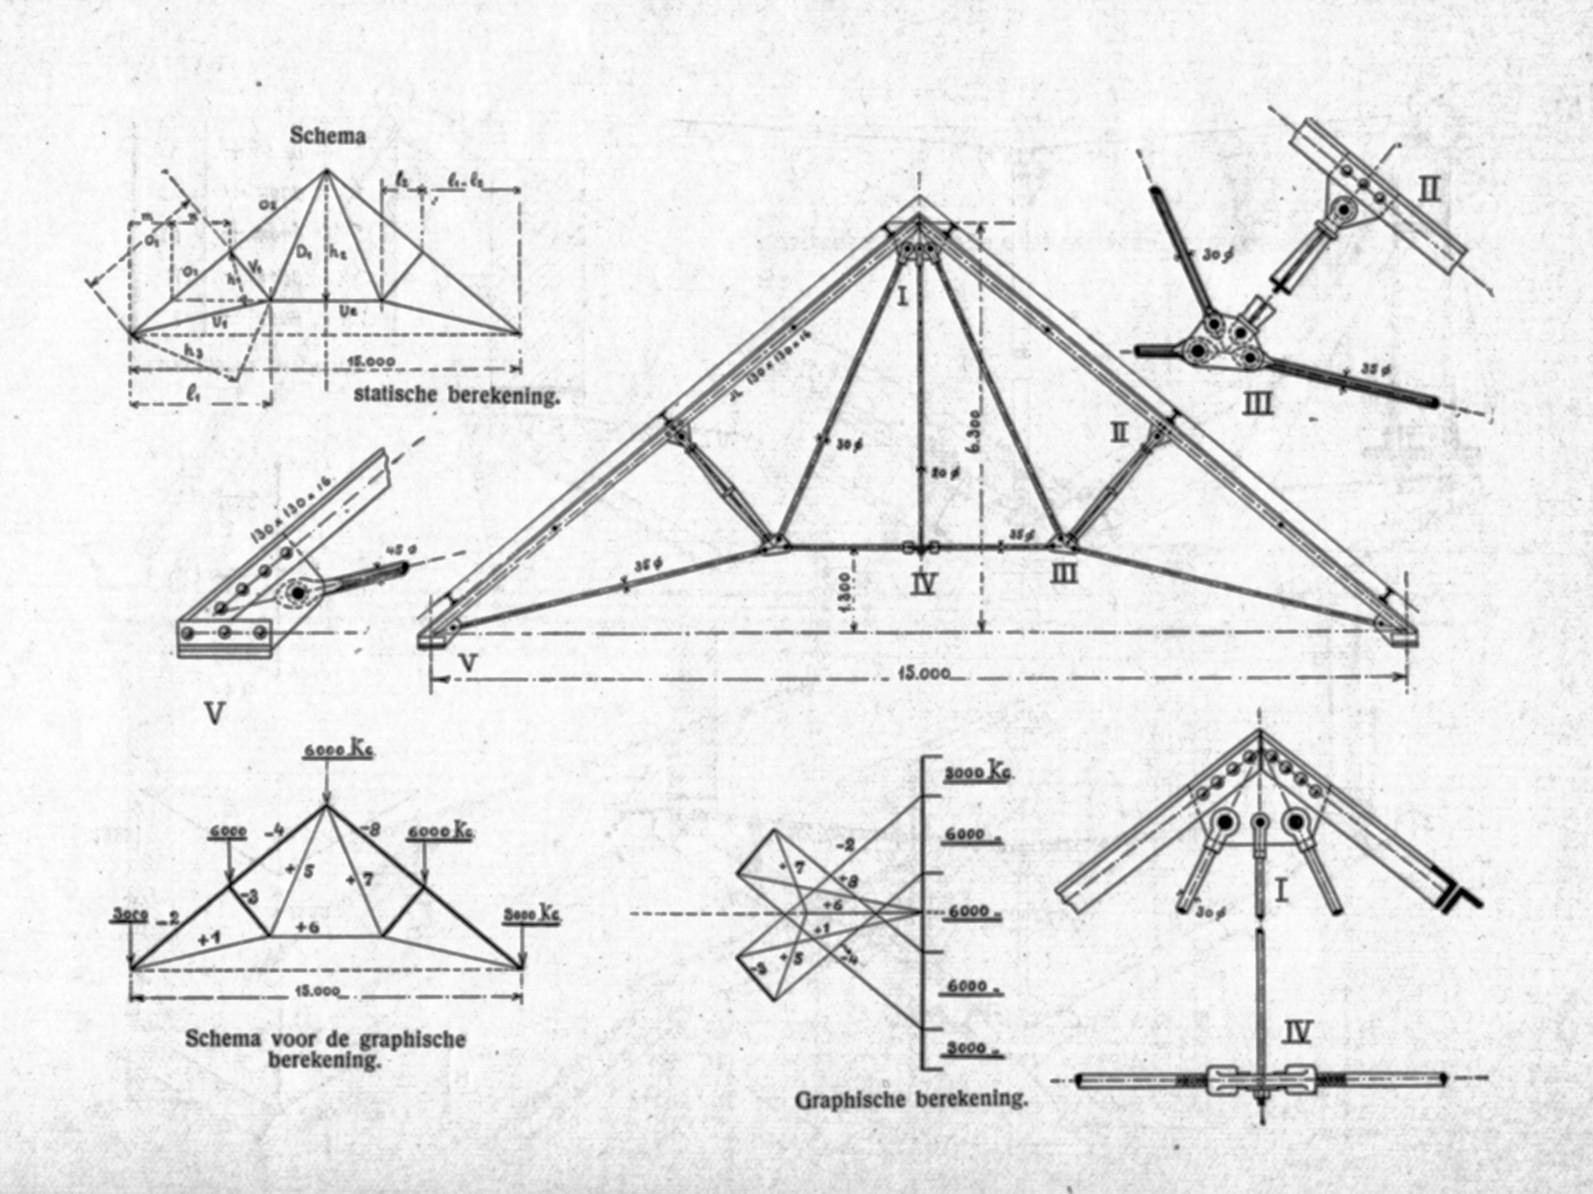 ferme polonceau zwiers l van delden j handboek der burgerlijke bouwkunde deel 3. Black Bedroom Furniture Sets. Home Design Ideas